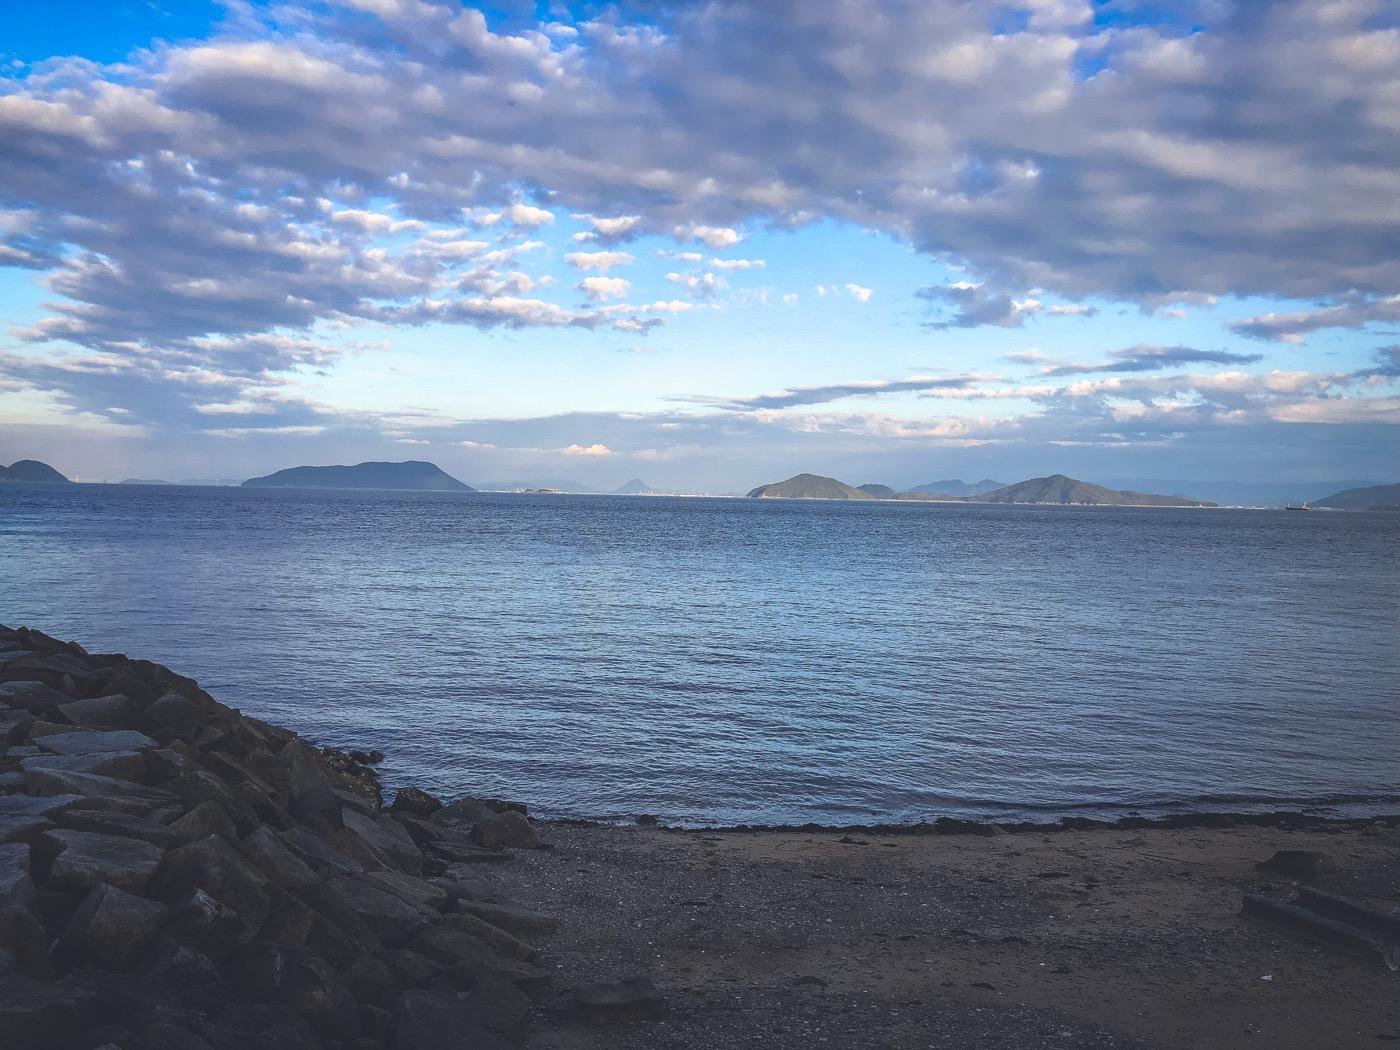 六島からの眺め